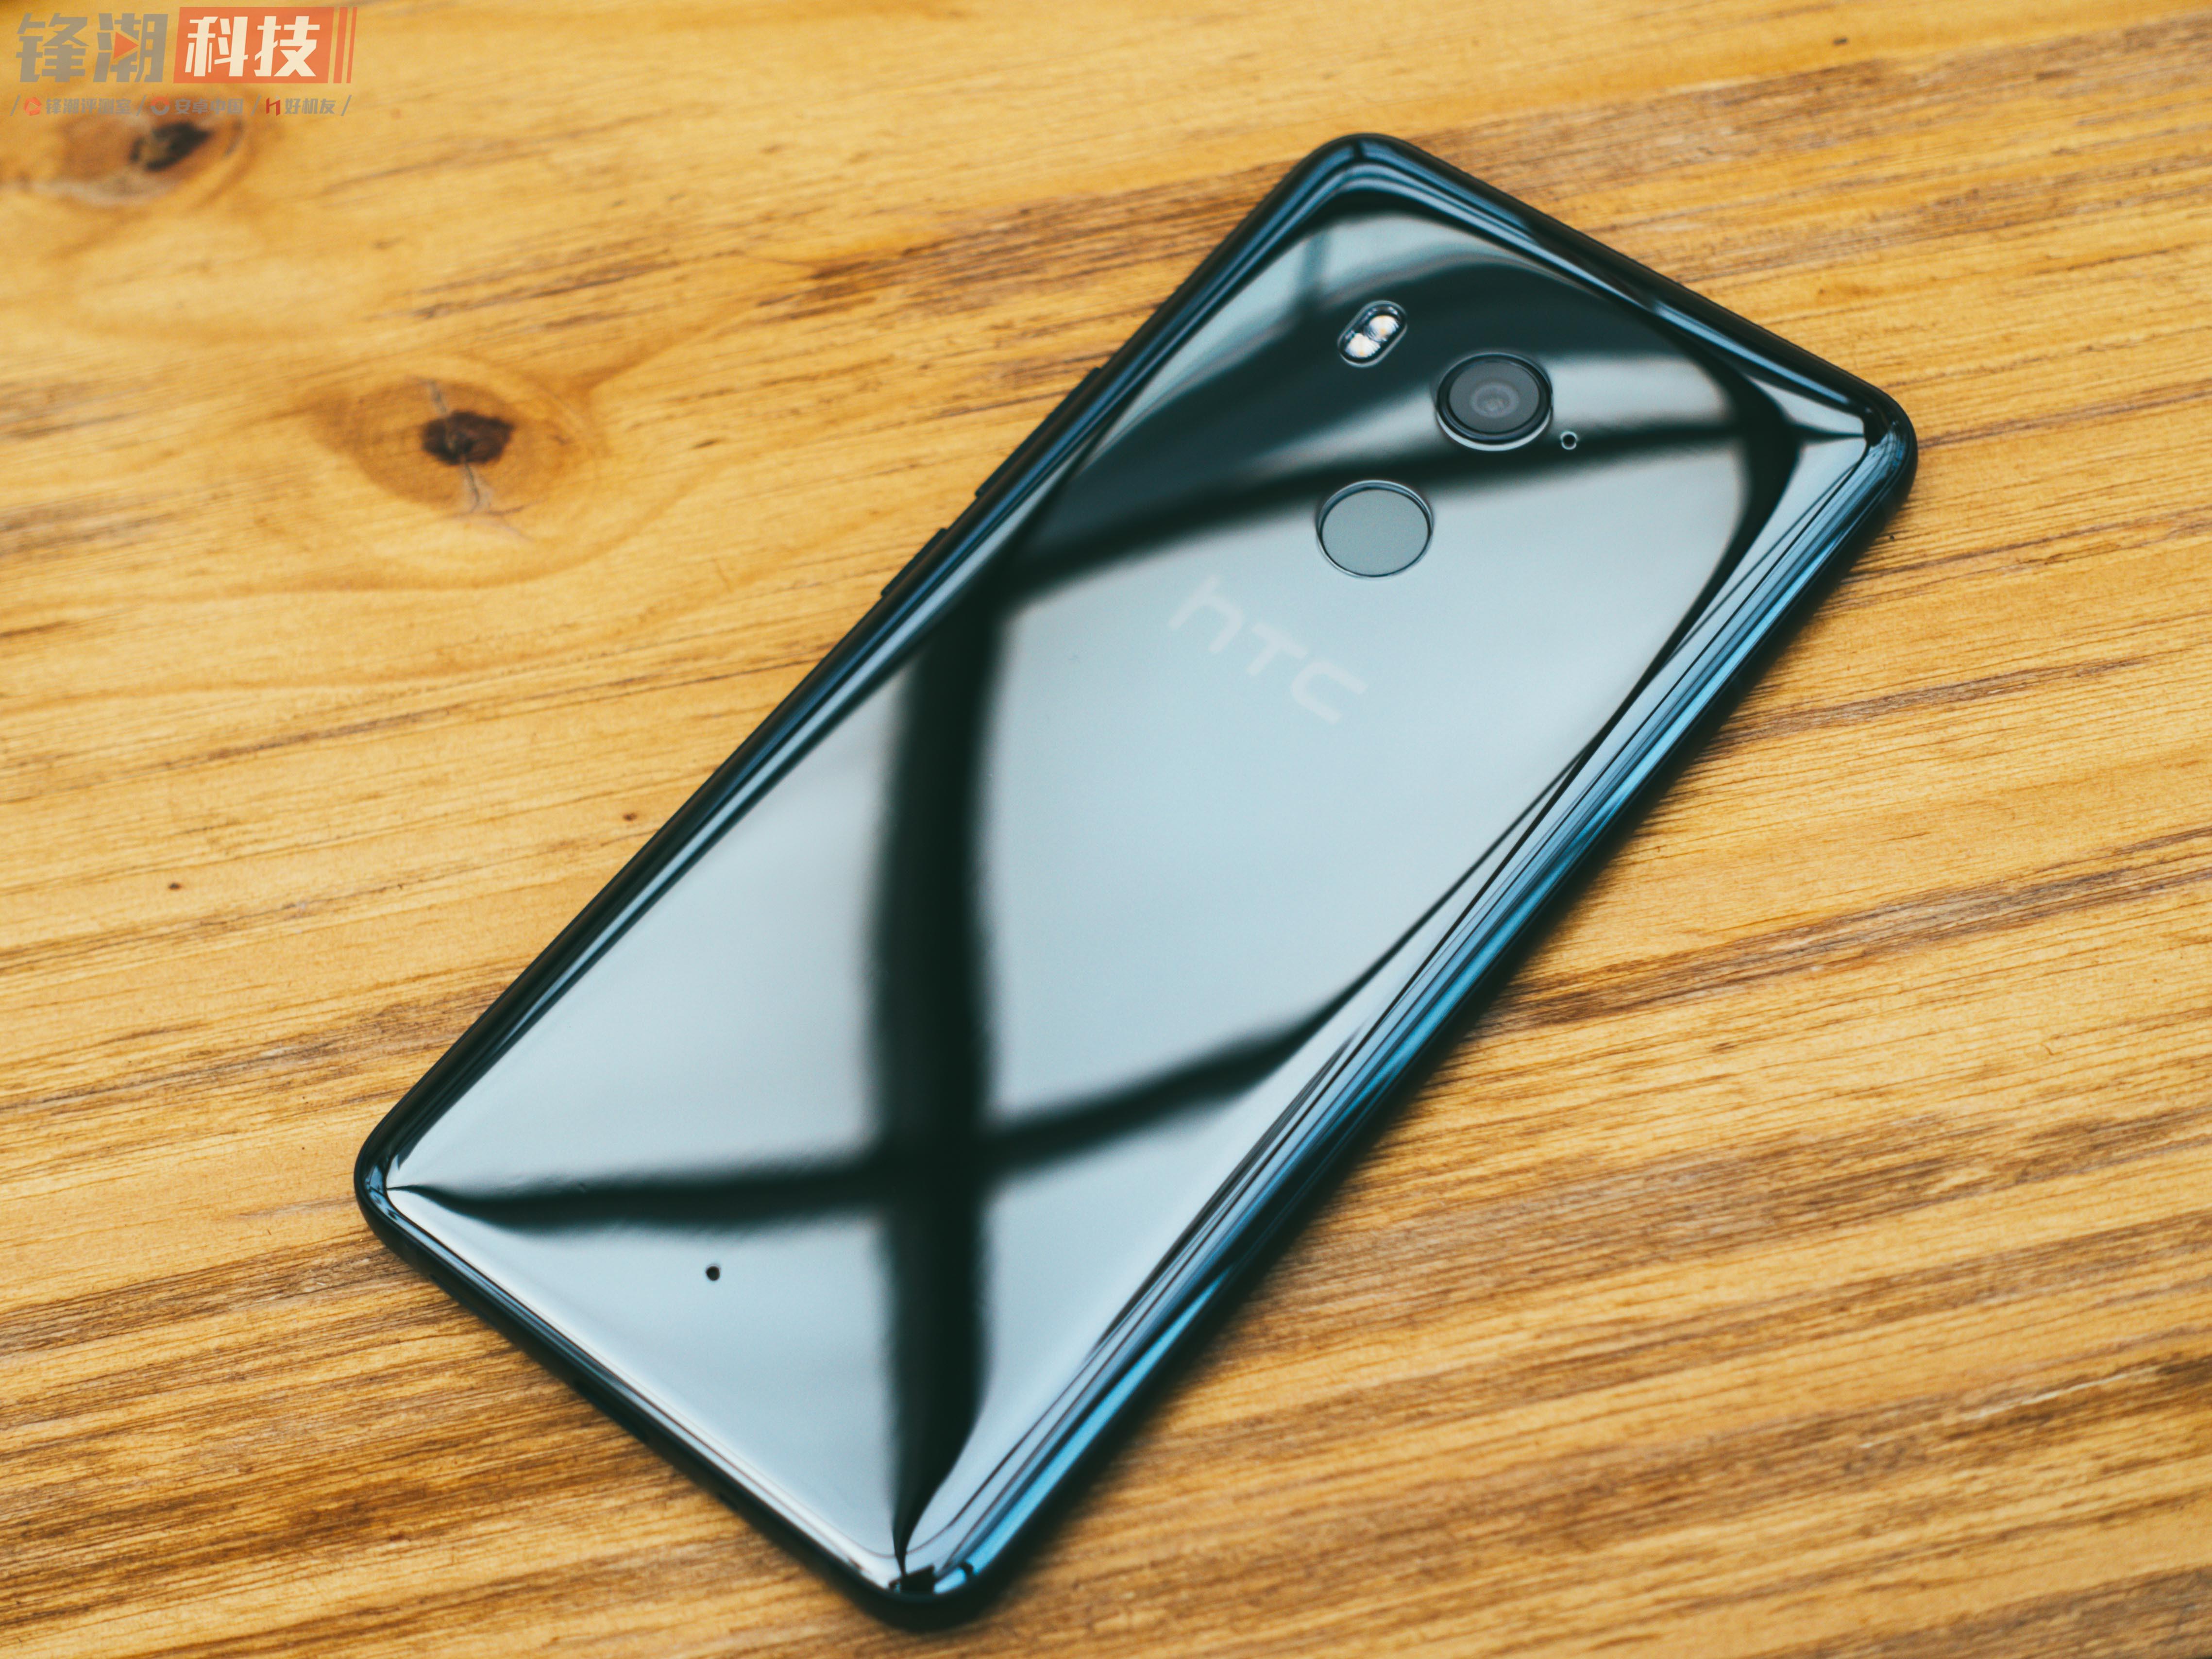 【力皮西】3D水漾玻璃机身再度来袭:HTC U11+ 真机图赏